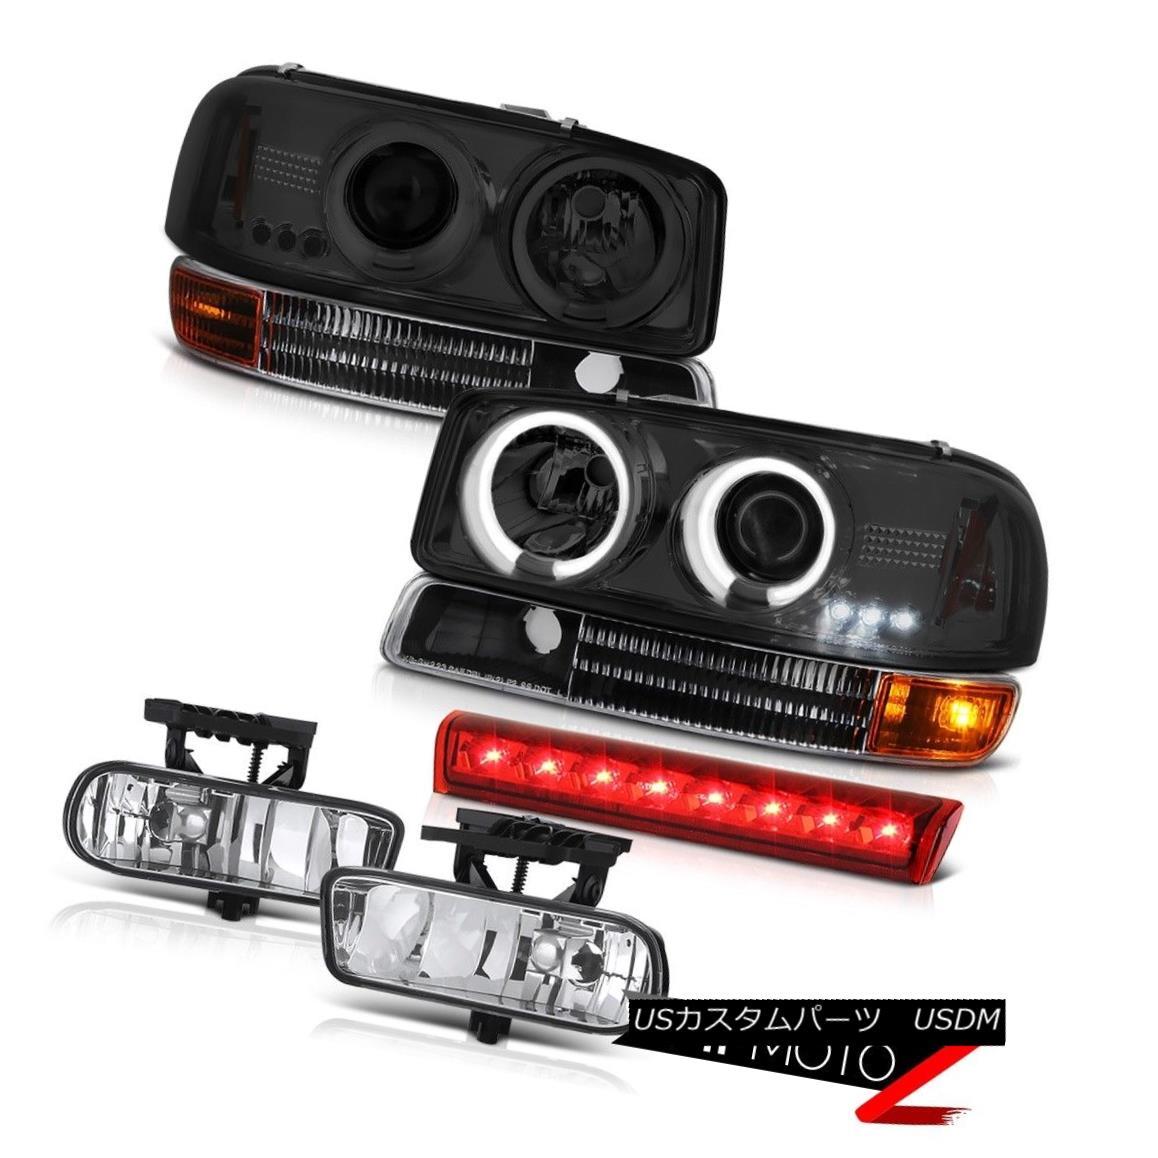 ヘッドライト CCFL Angel Eye Headlights Parking FogLamps Roof Cargo Brake LED Red 00-06 Yukon CCFLエンジェルアイヘッドライトパーキングフォグランプ屋根カーゴブレーキLEDレッド00-06ユーコン